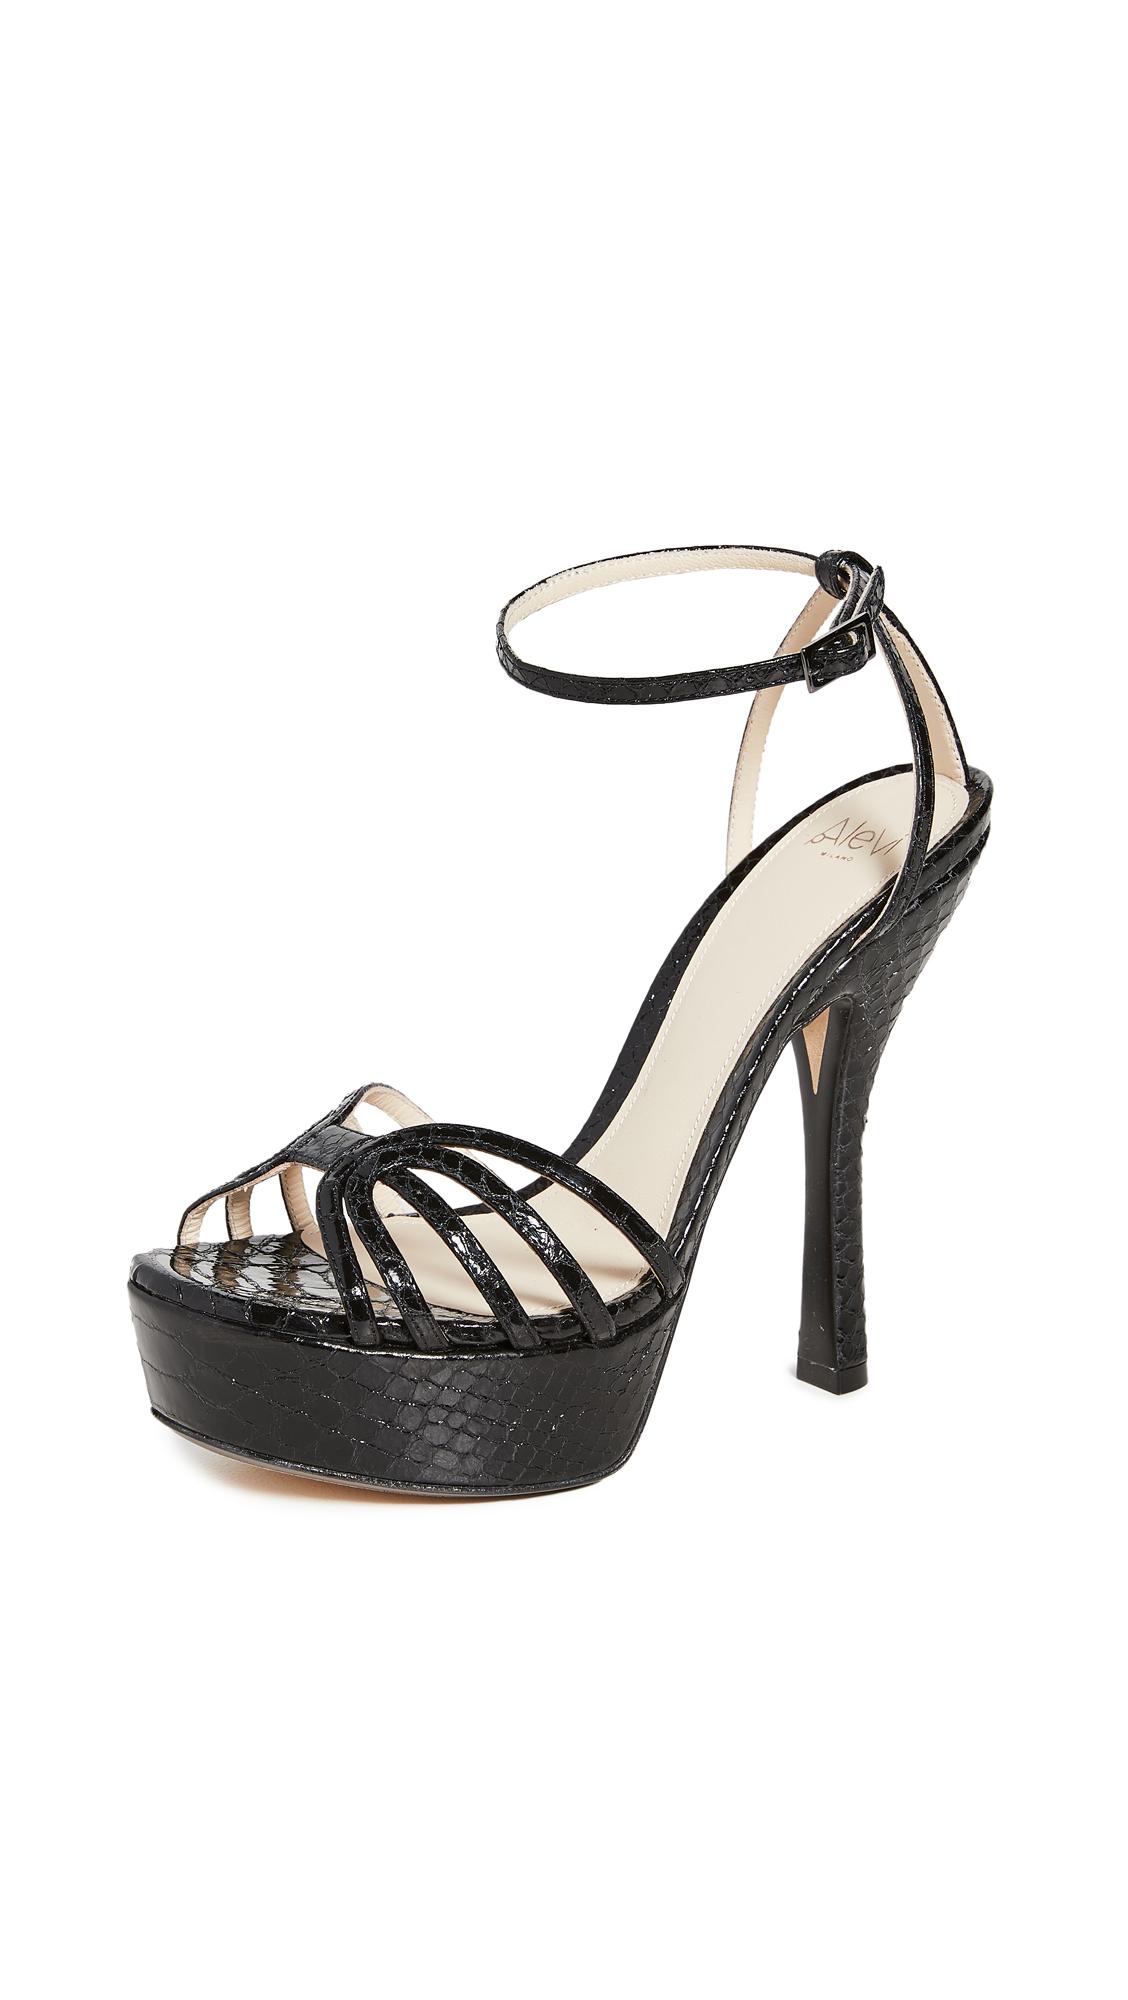 Buy Alevi Milano Caterina Sandals online, shop Alevi Milano